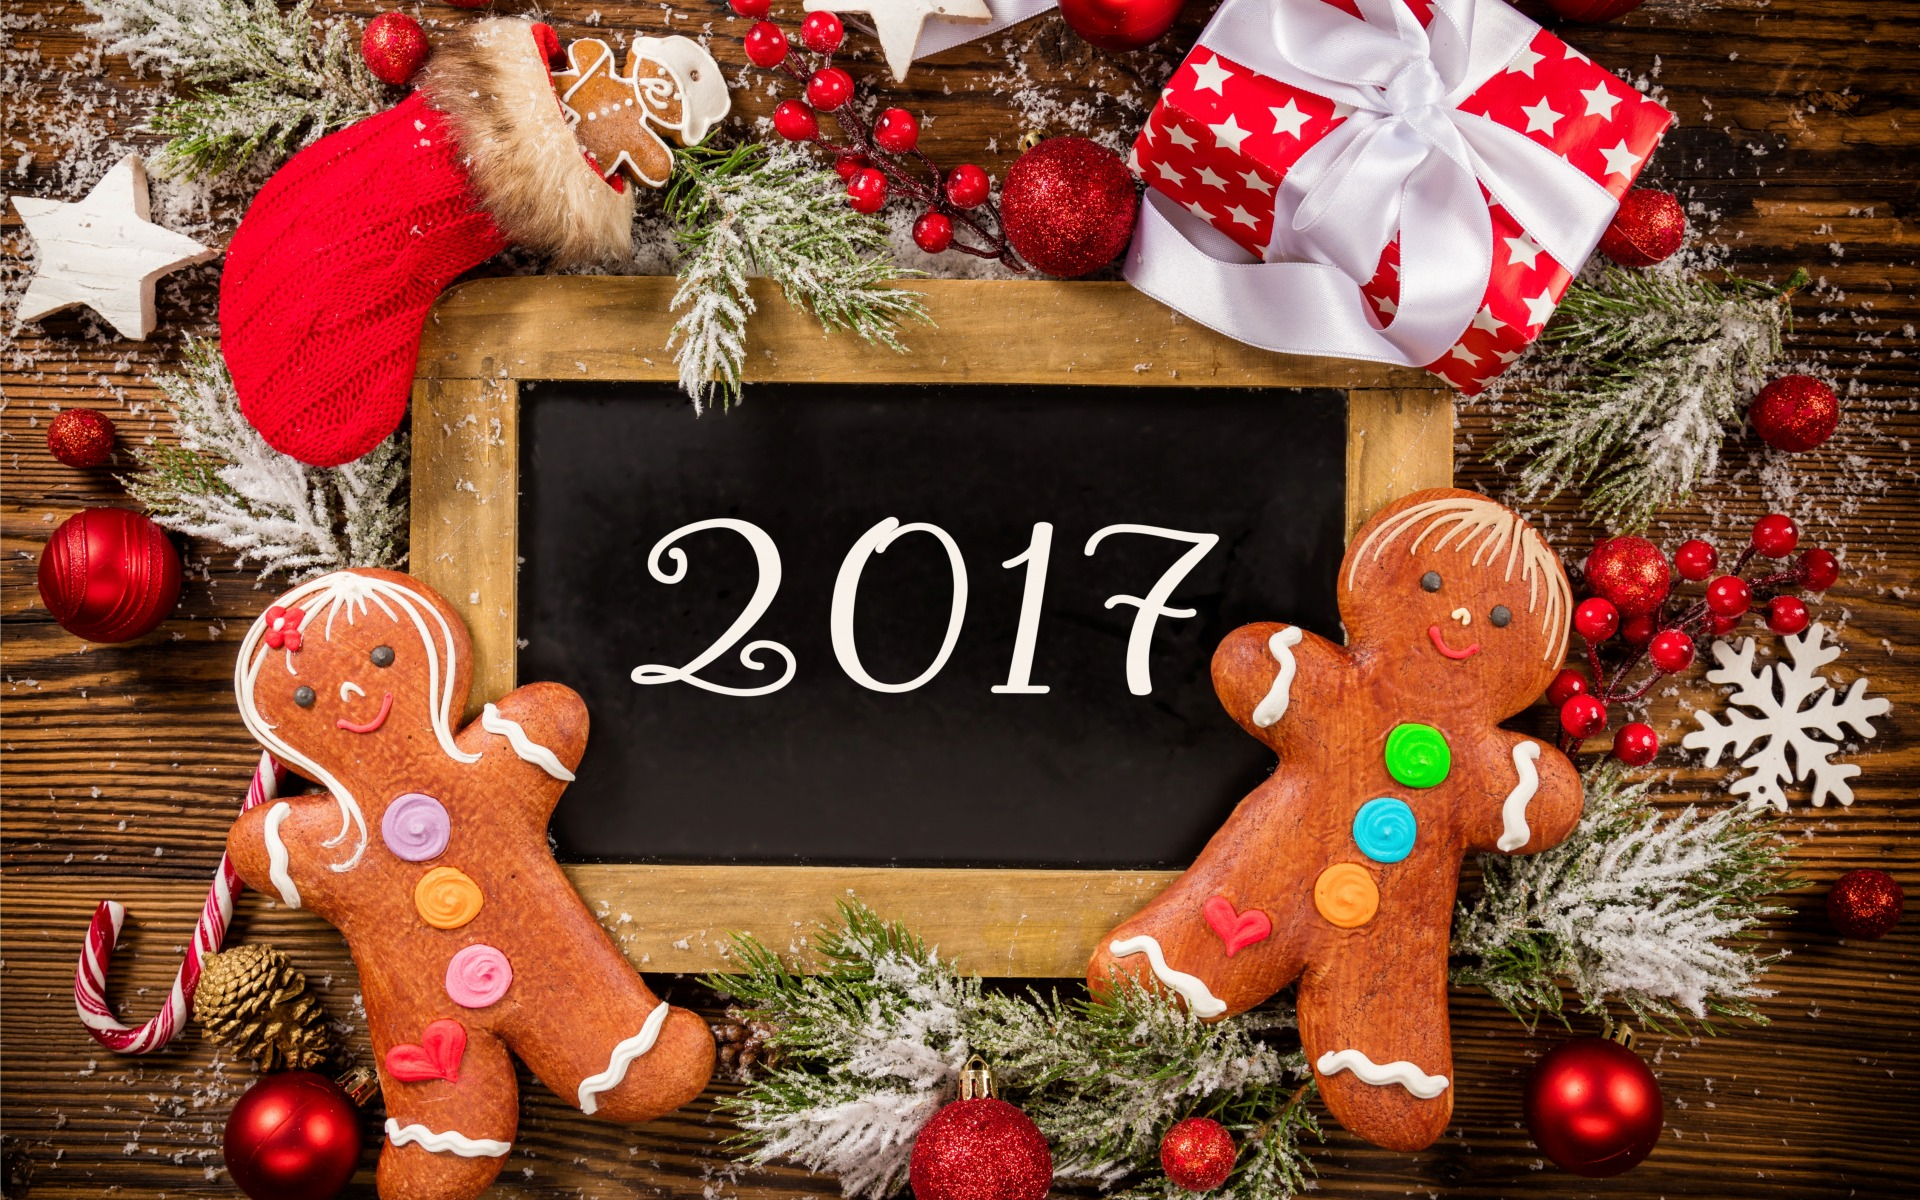 Поздравление с Новым Годом 2017 от Nutree Professional